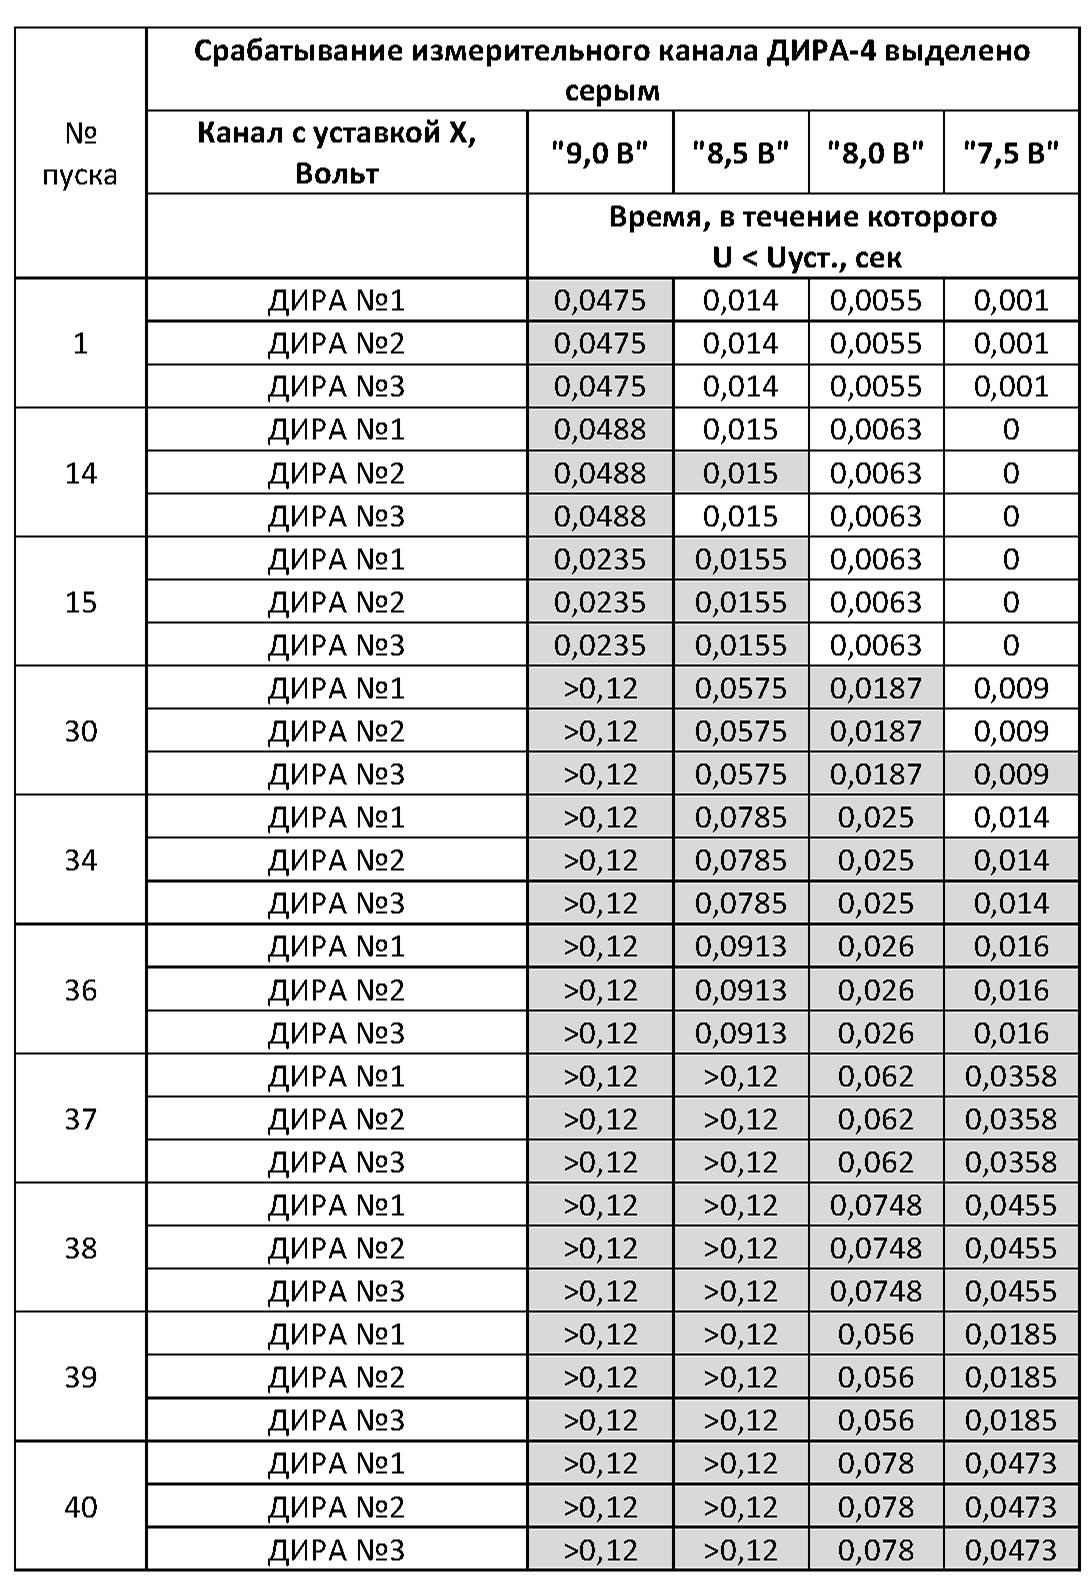 123456677777 - Особенности эксплуатации стартерных аккумуляторных батарей для запуска двигателей дизель-генераторных установок